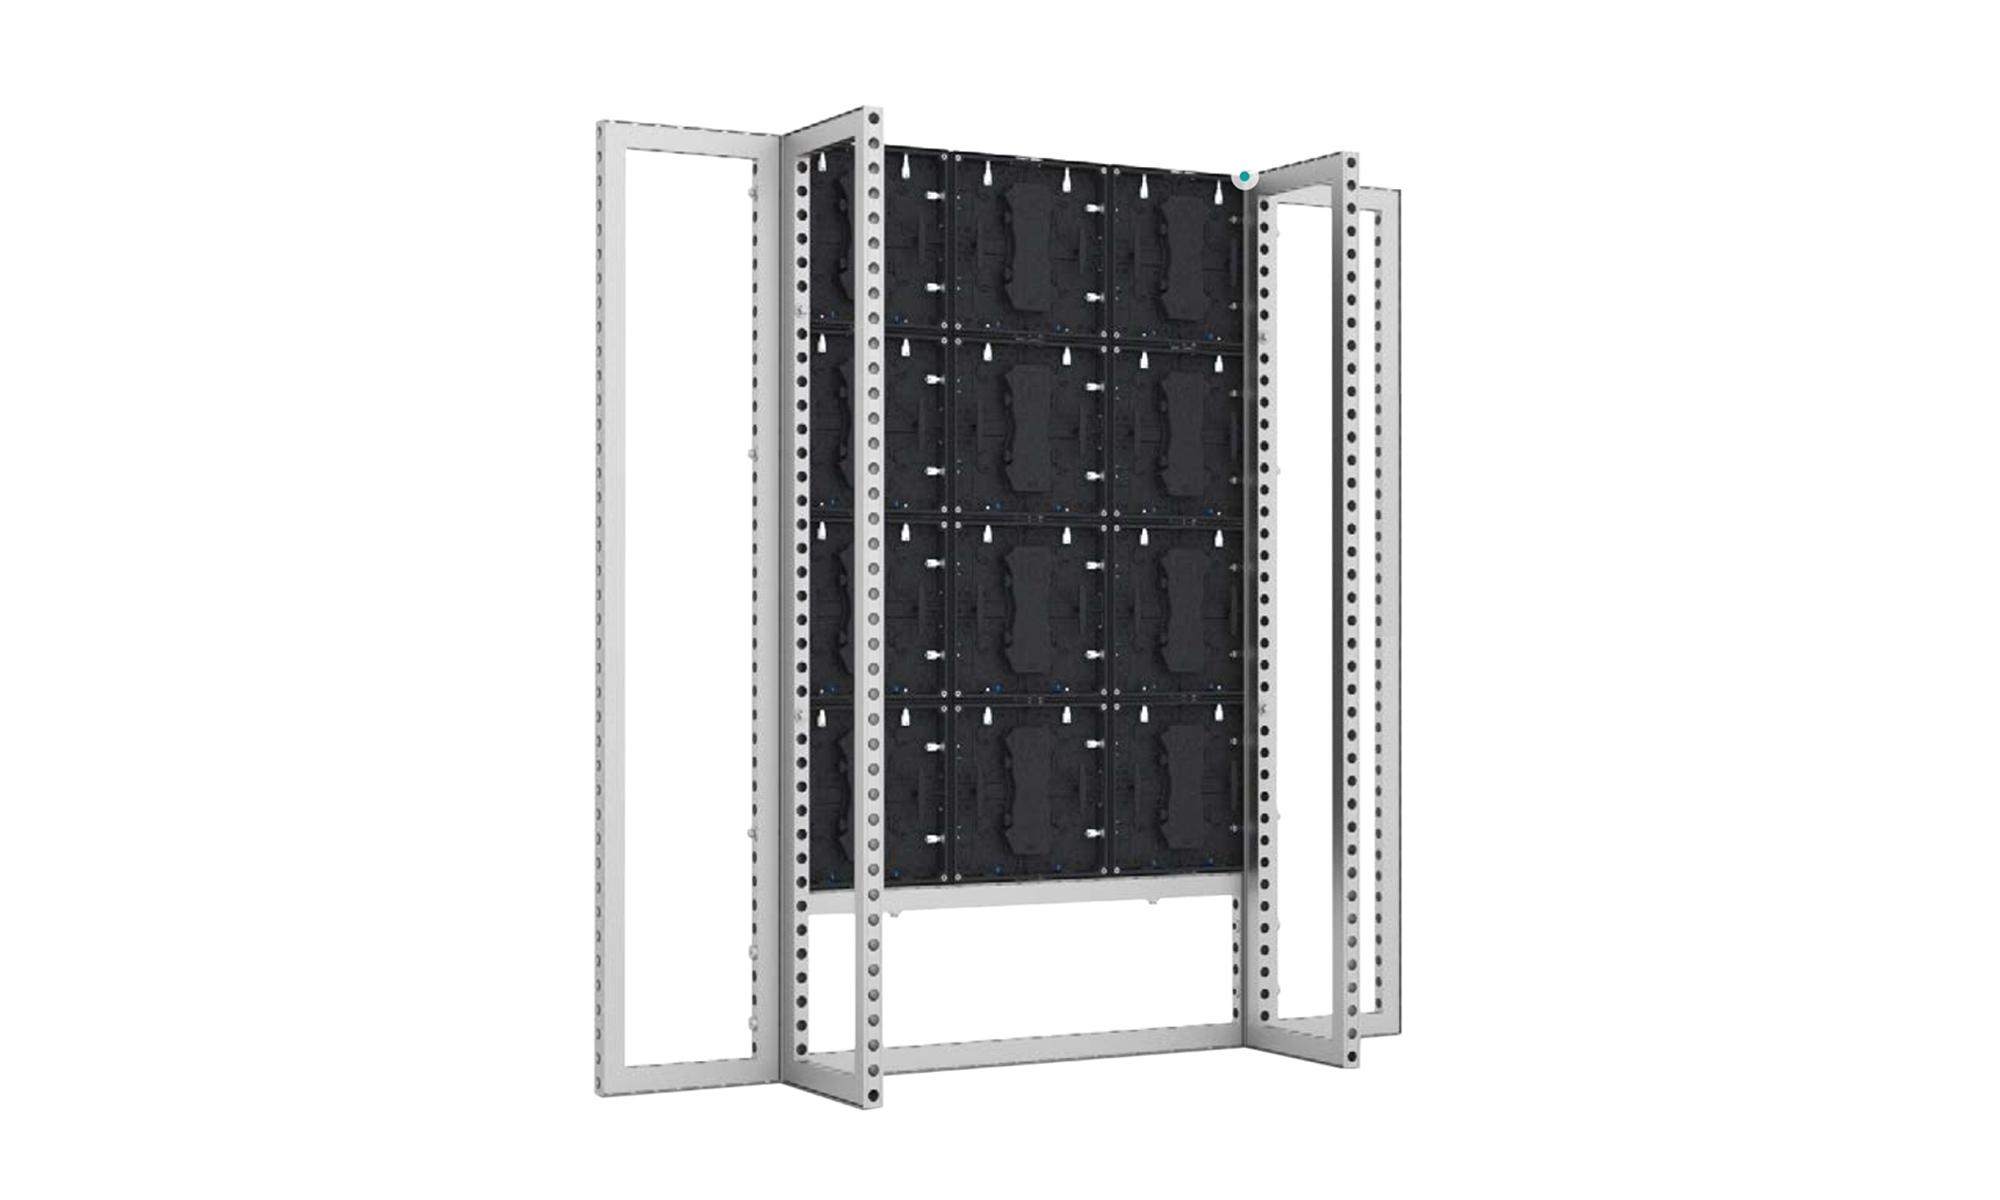 LED Wall Rear